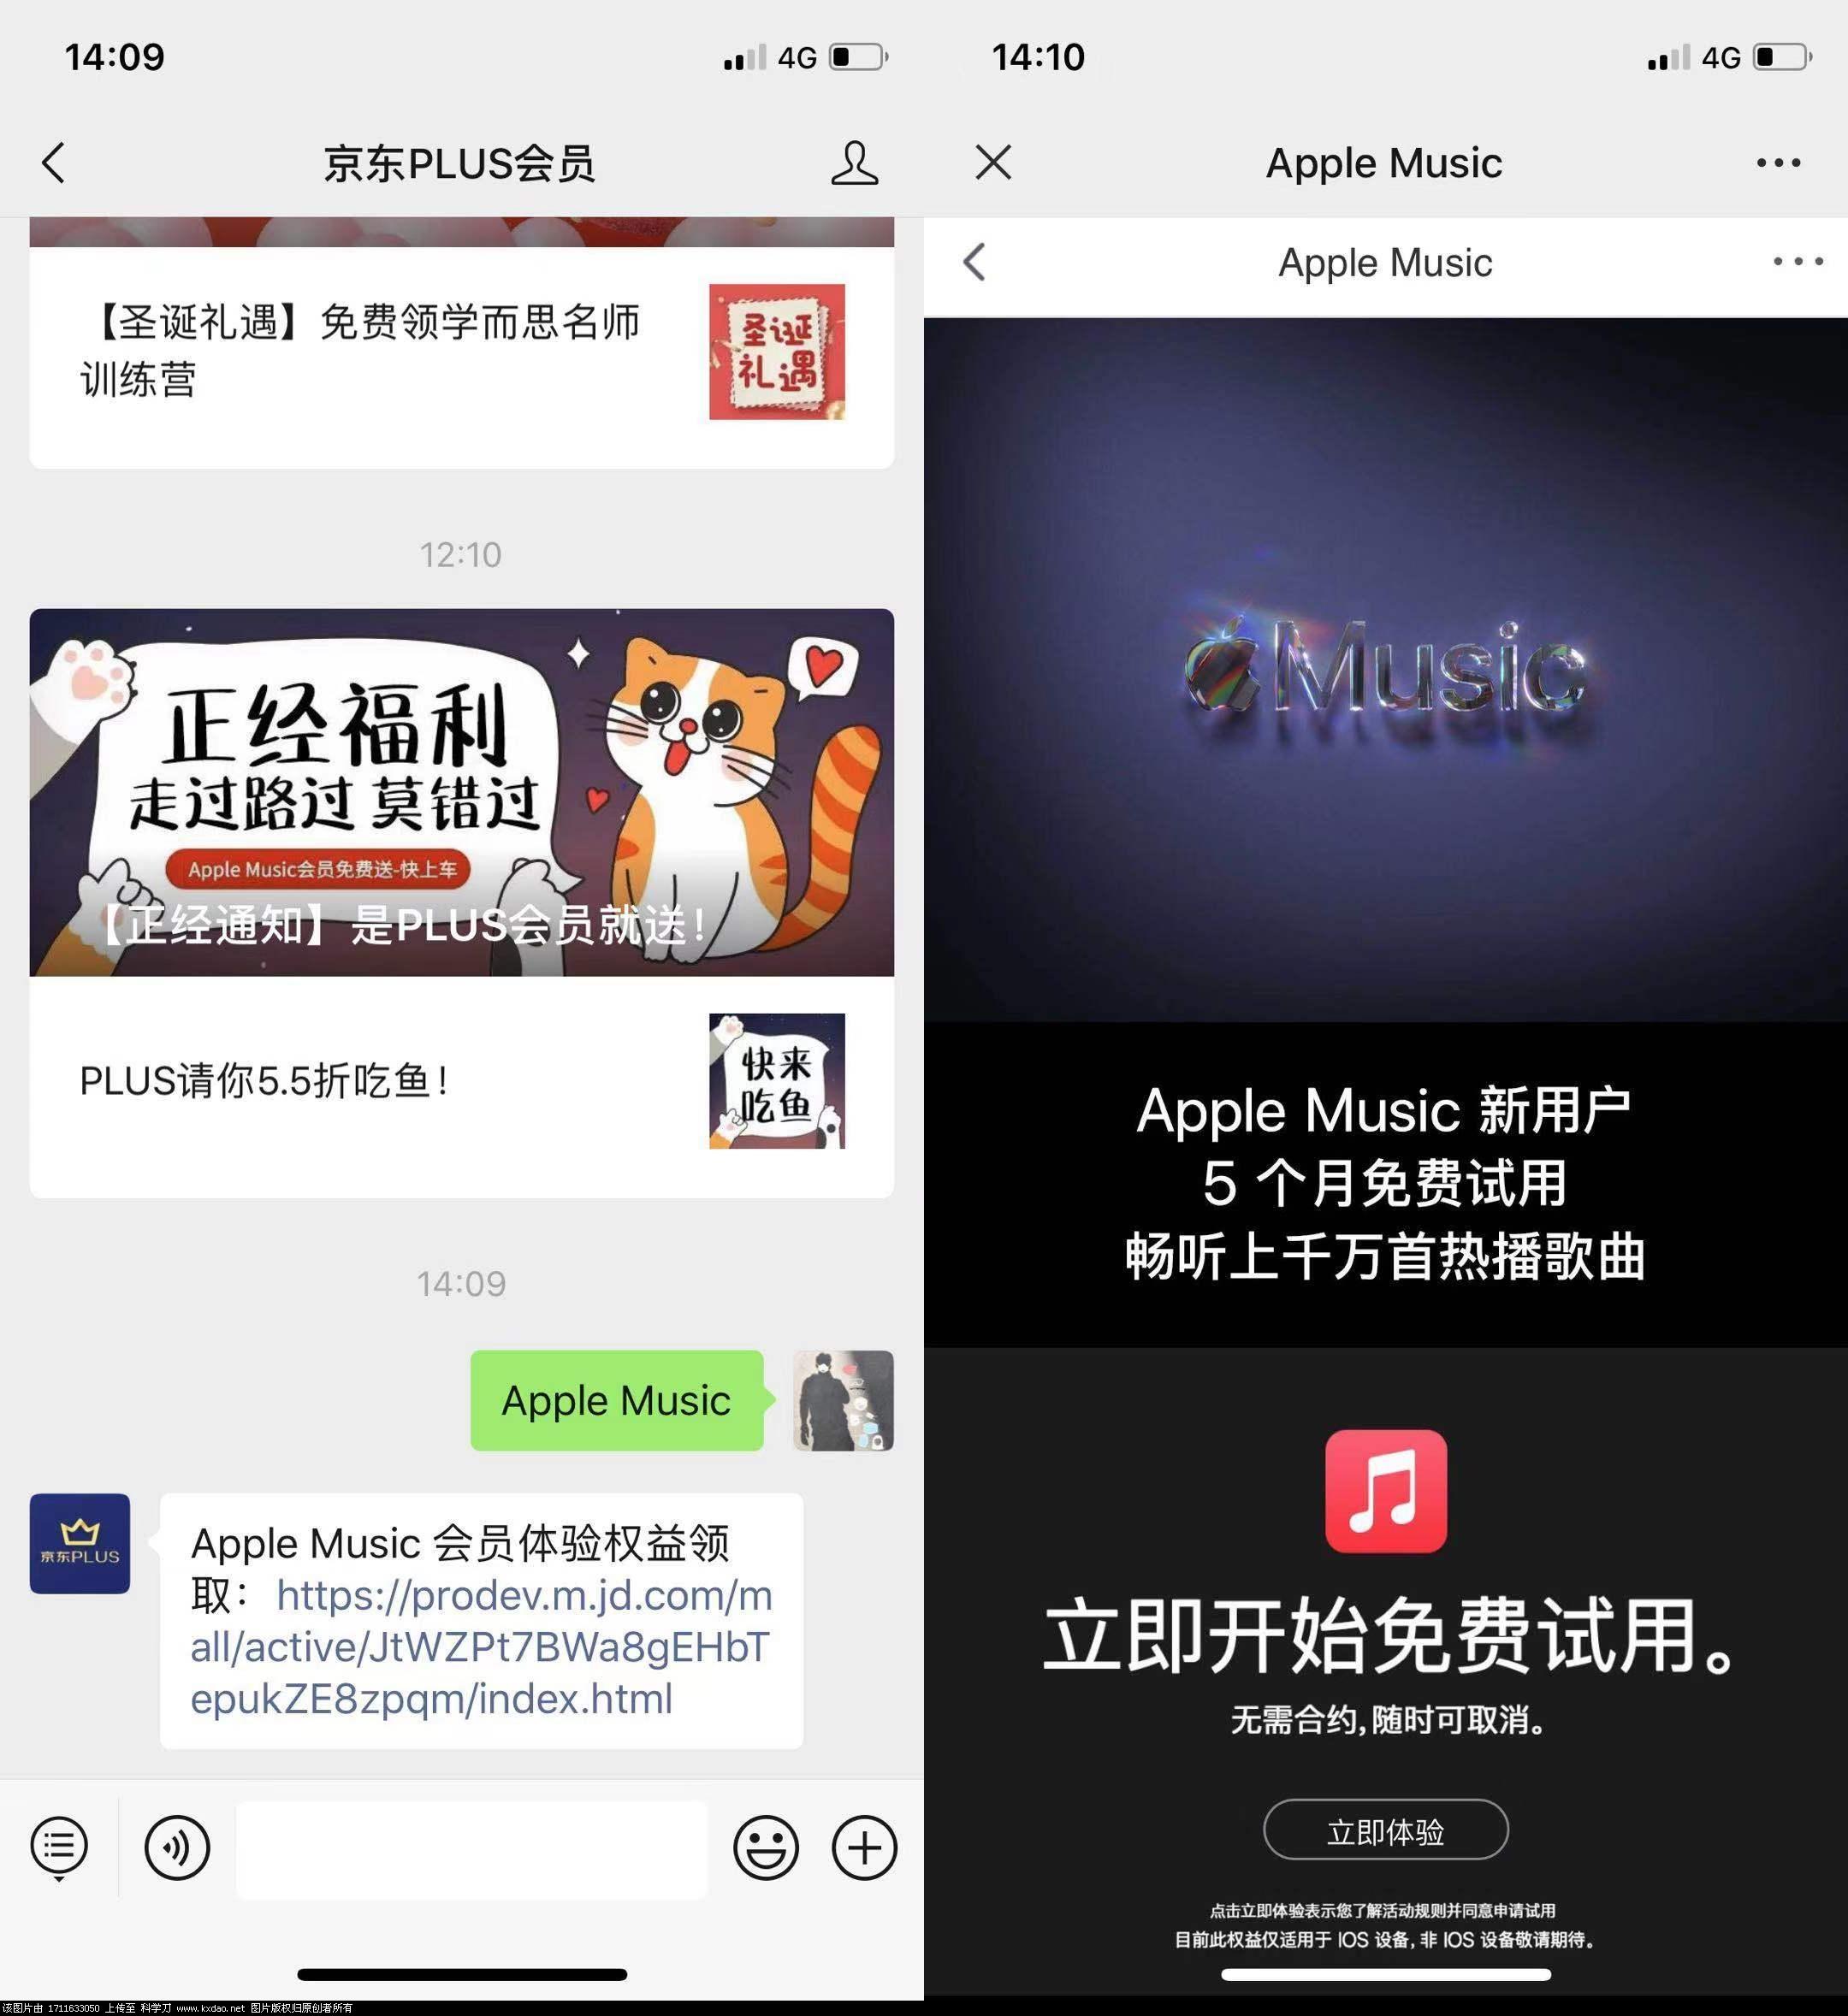 京东plus会员免费领取Apple Music音乐会员-亿动工作室's Blog